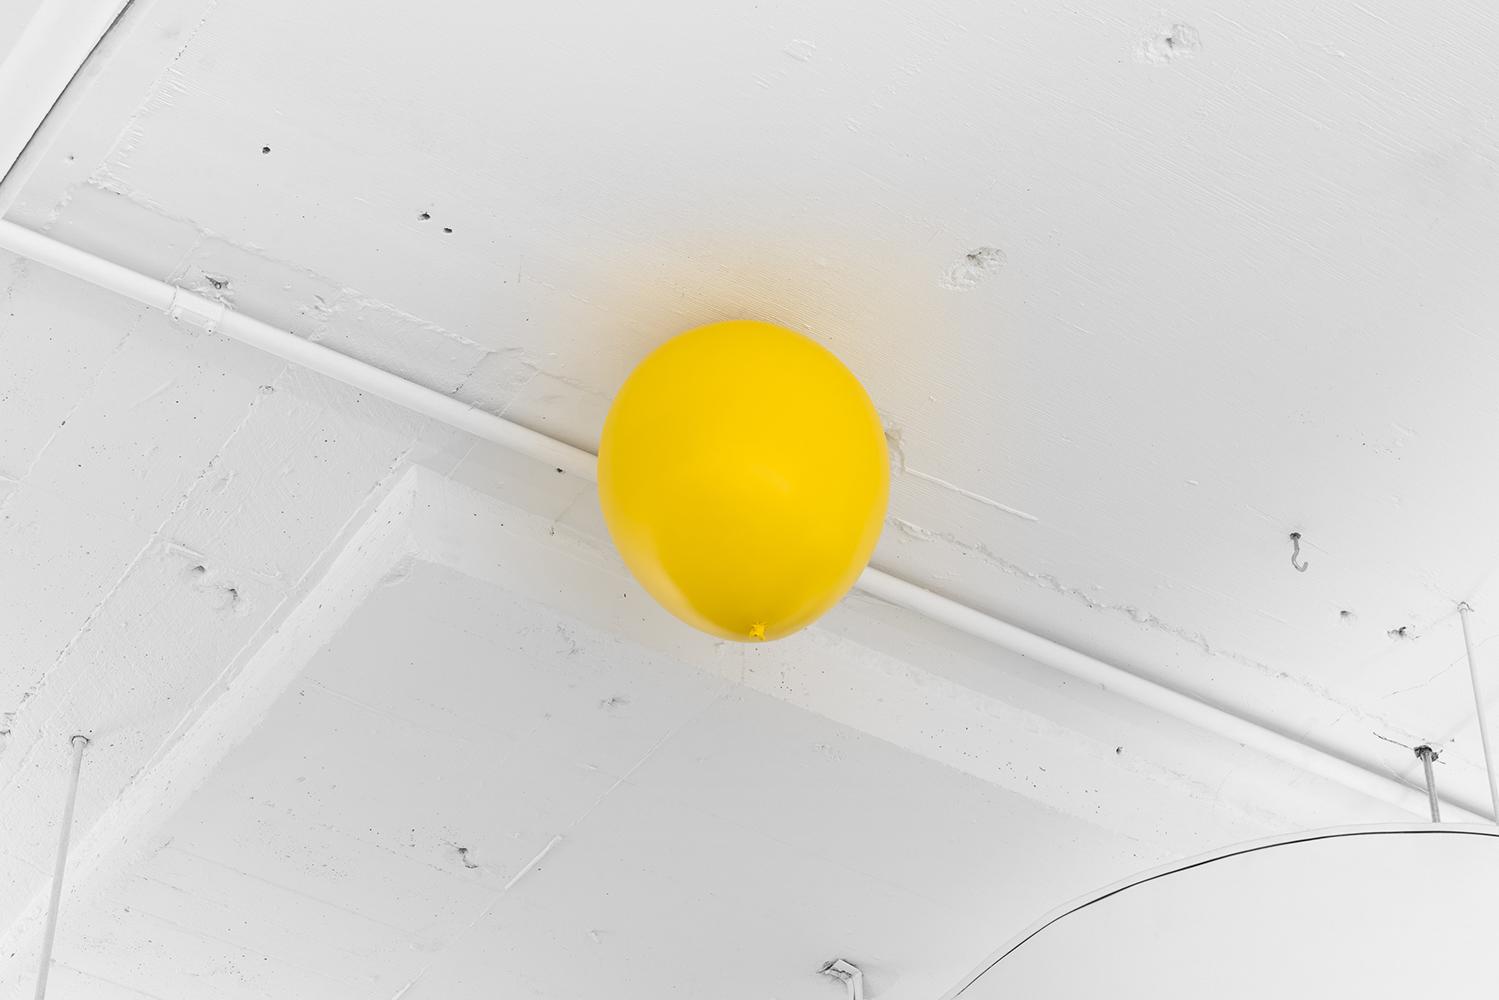 """Roula Partheniou,  Unethered (balloon), Sunrise,  2019, résine, mousse, peinture automobile, 33 x 25 x 25 cm (13"""" x 10"""" x 10""""), courtoisie MKG127 Gallery"""